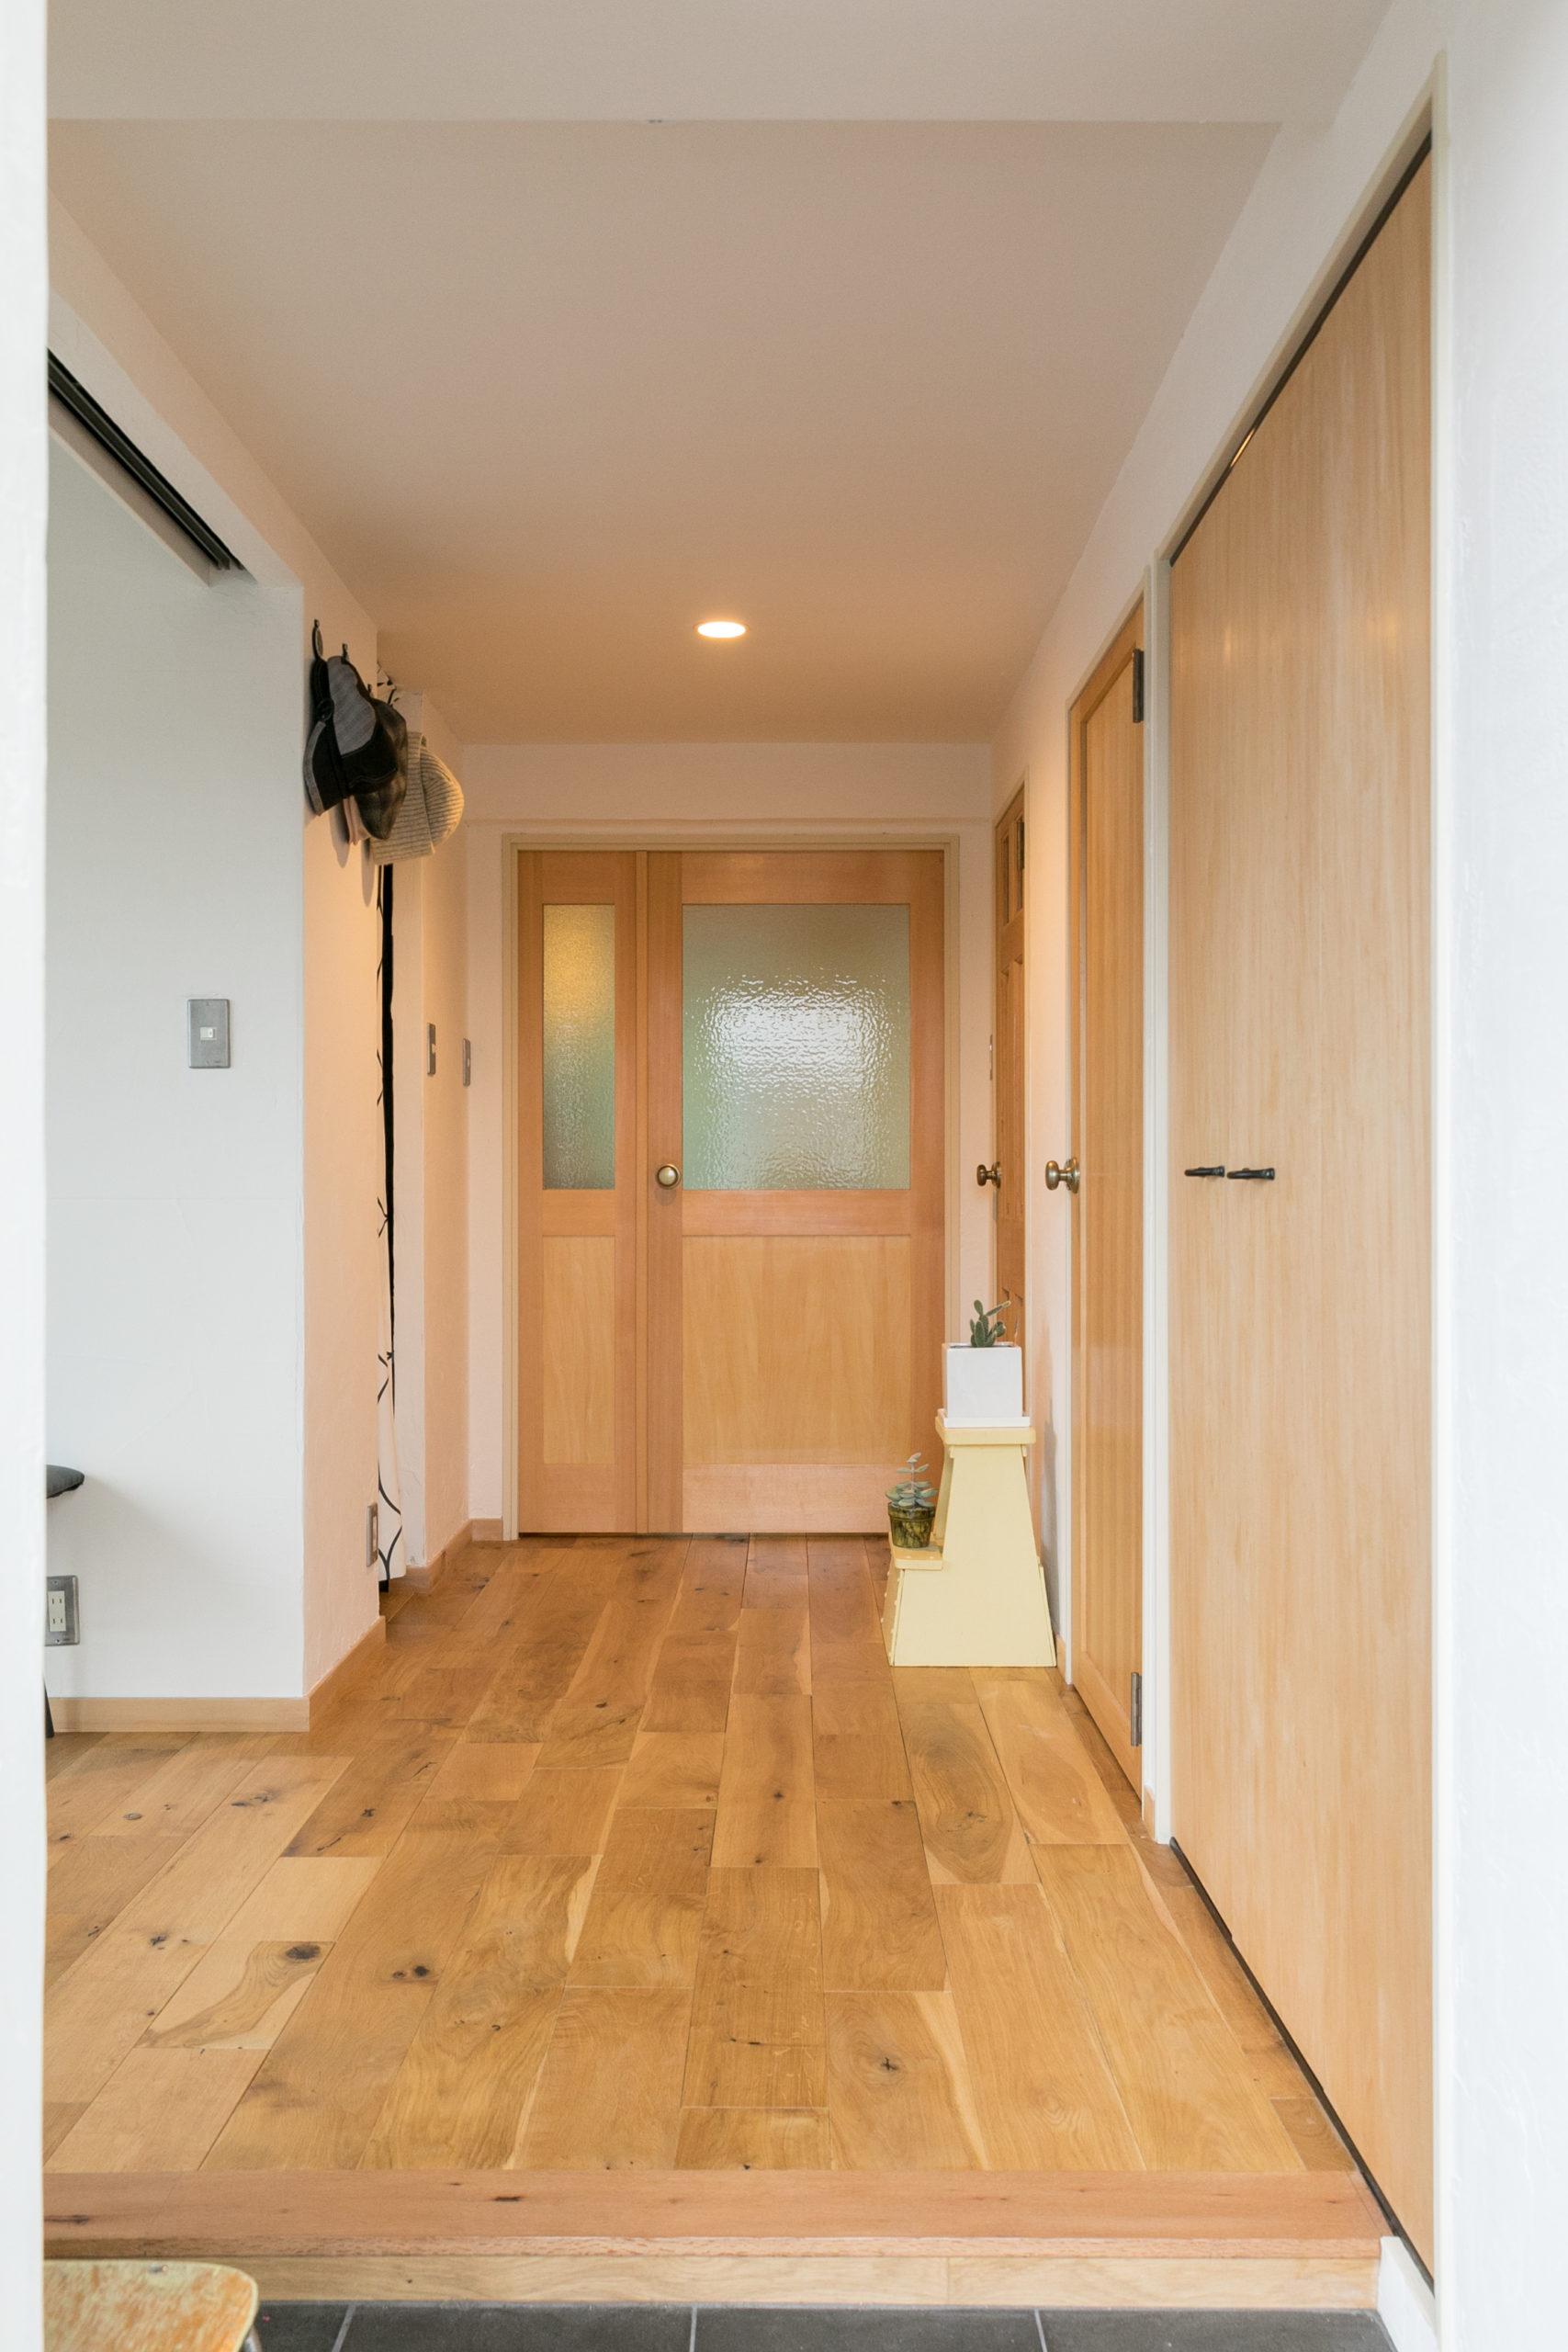 サービスルームの壁と扉と無くしたことで間口が広がり開放感がある